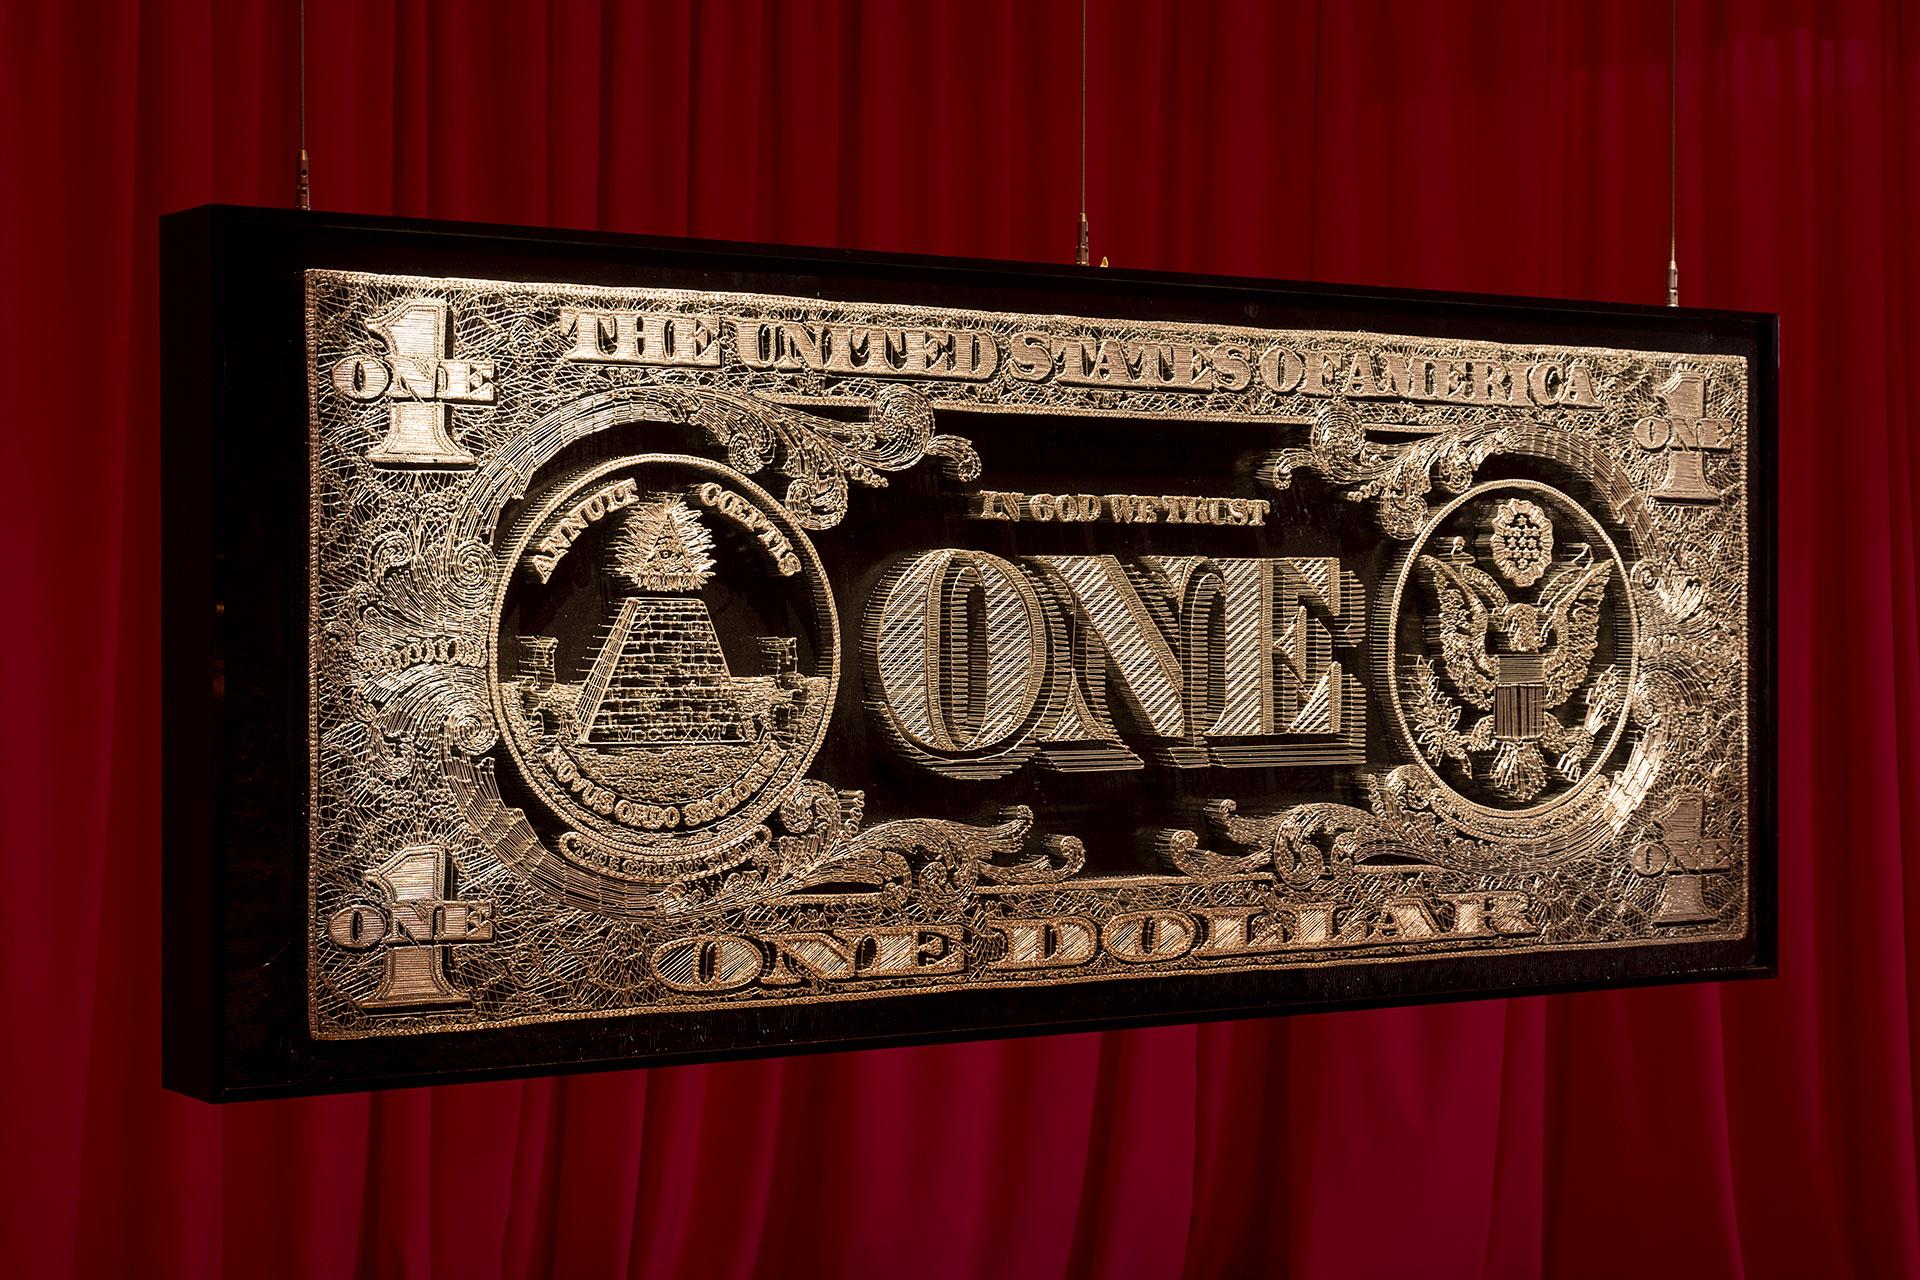 Mondongo. Muestra Tres. Barro. Dolar (Serie Merca) 2005. Clavos, hilo plateado y resina sobre madera. 100 x 232 x 28 (frente)